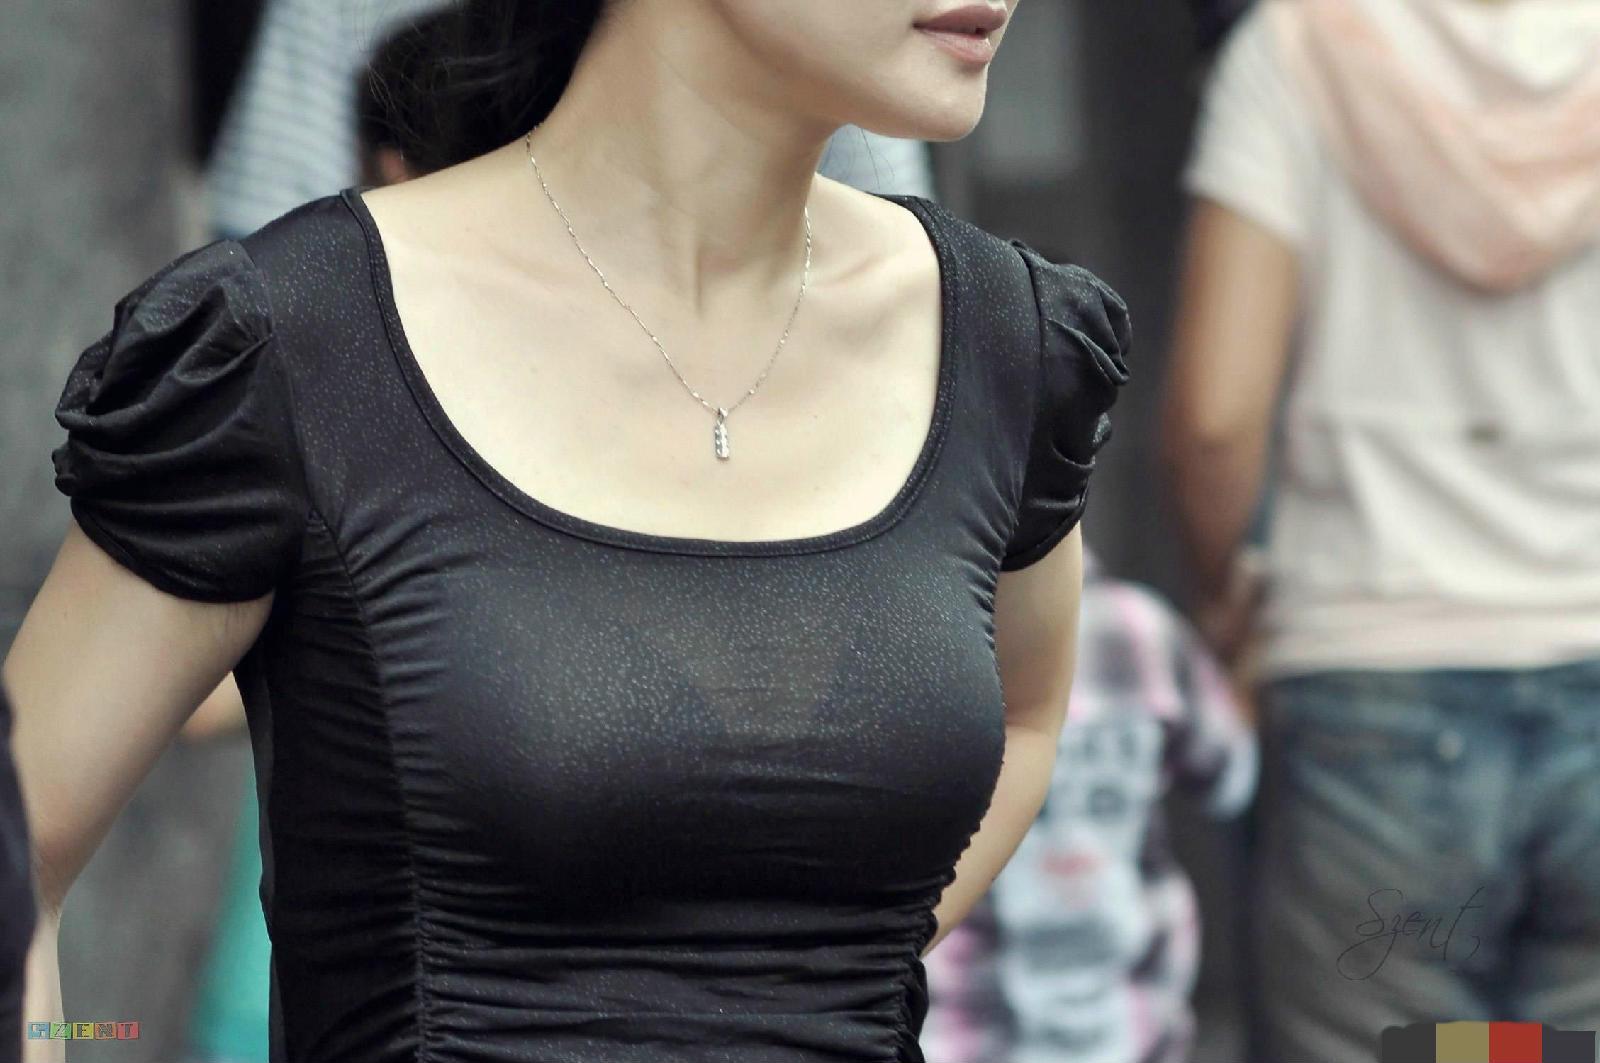 齐b超短裙街拍性感包臀美女://zhenzhujue